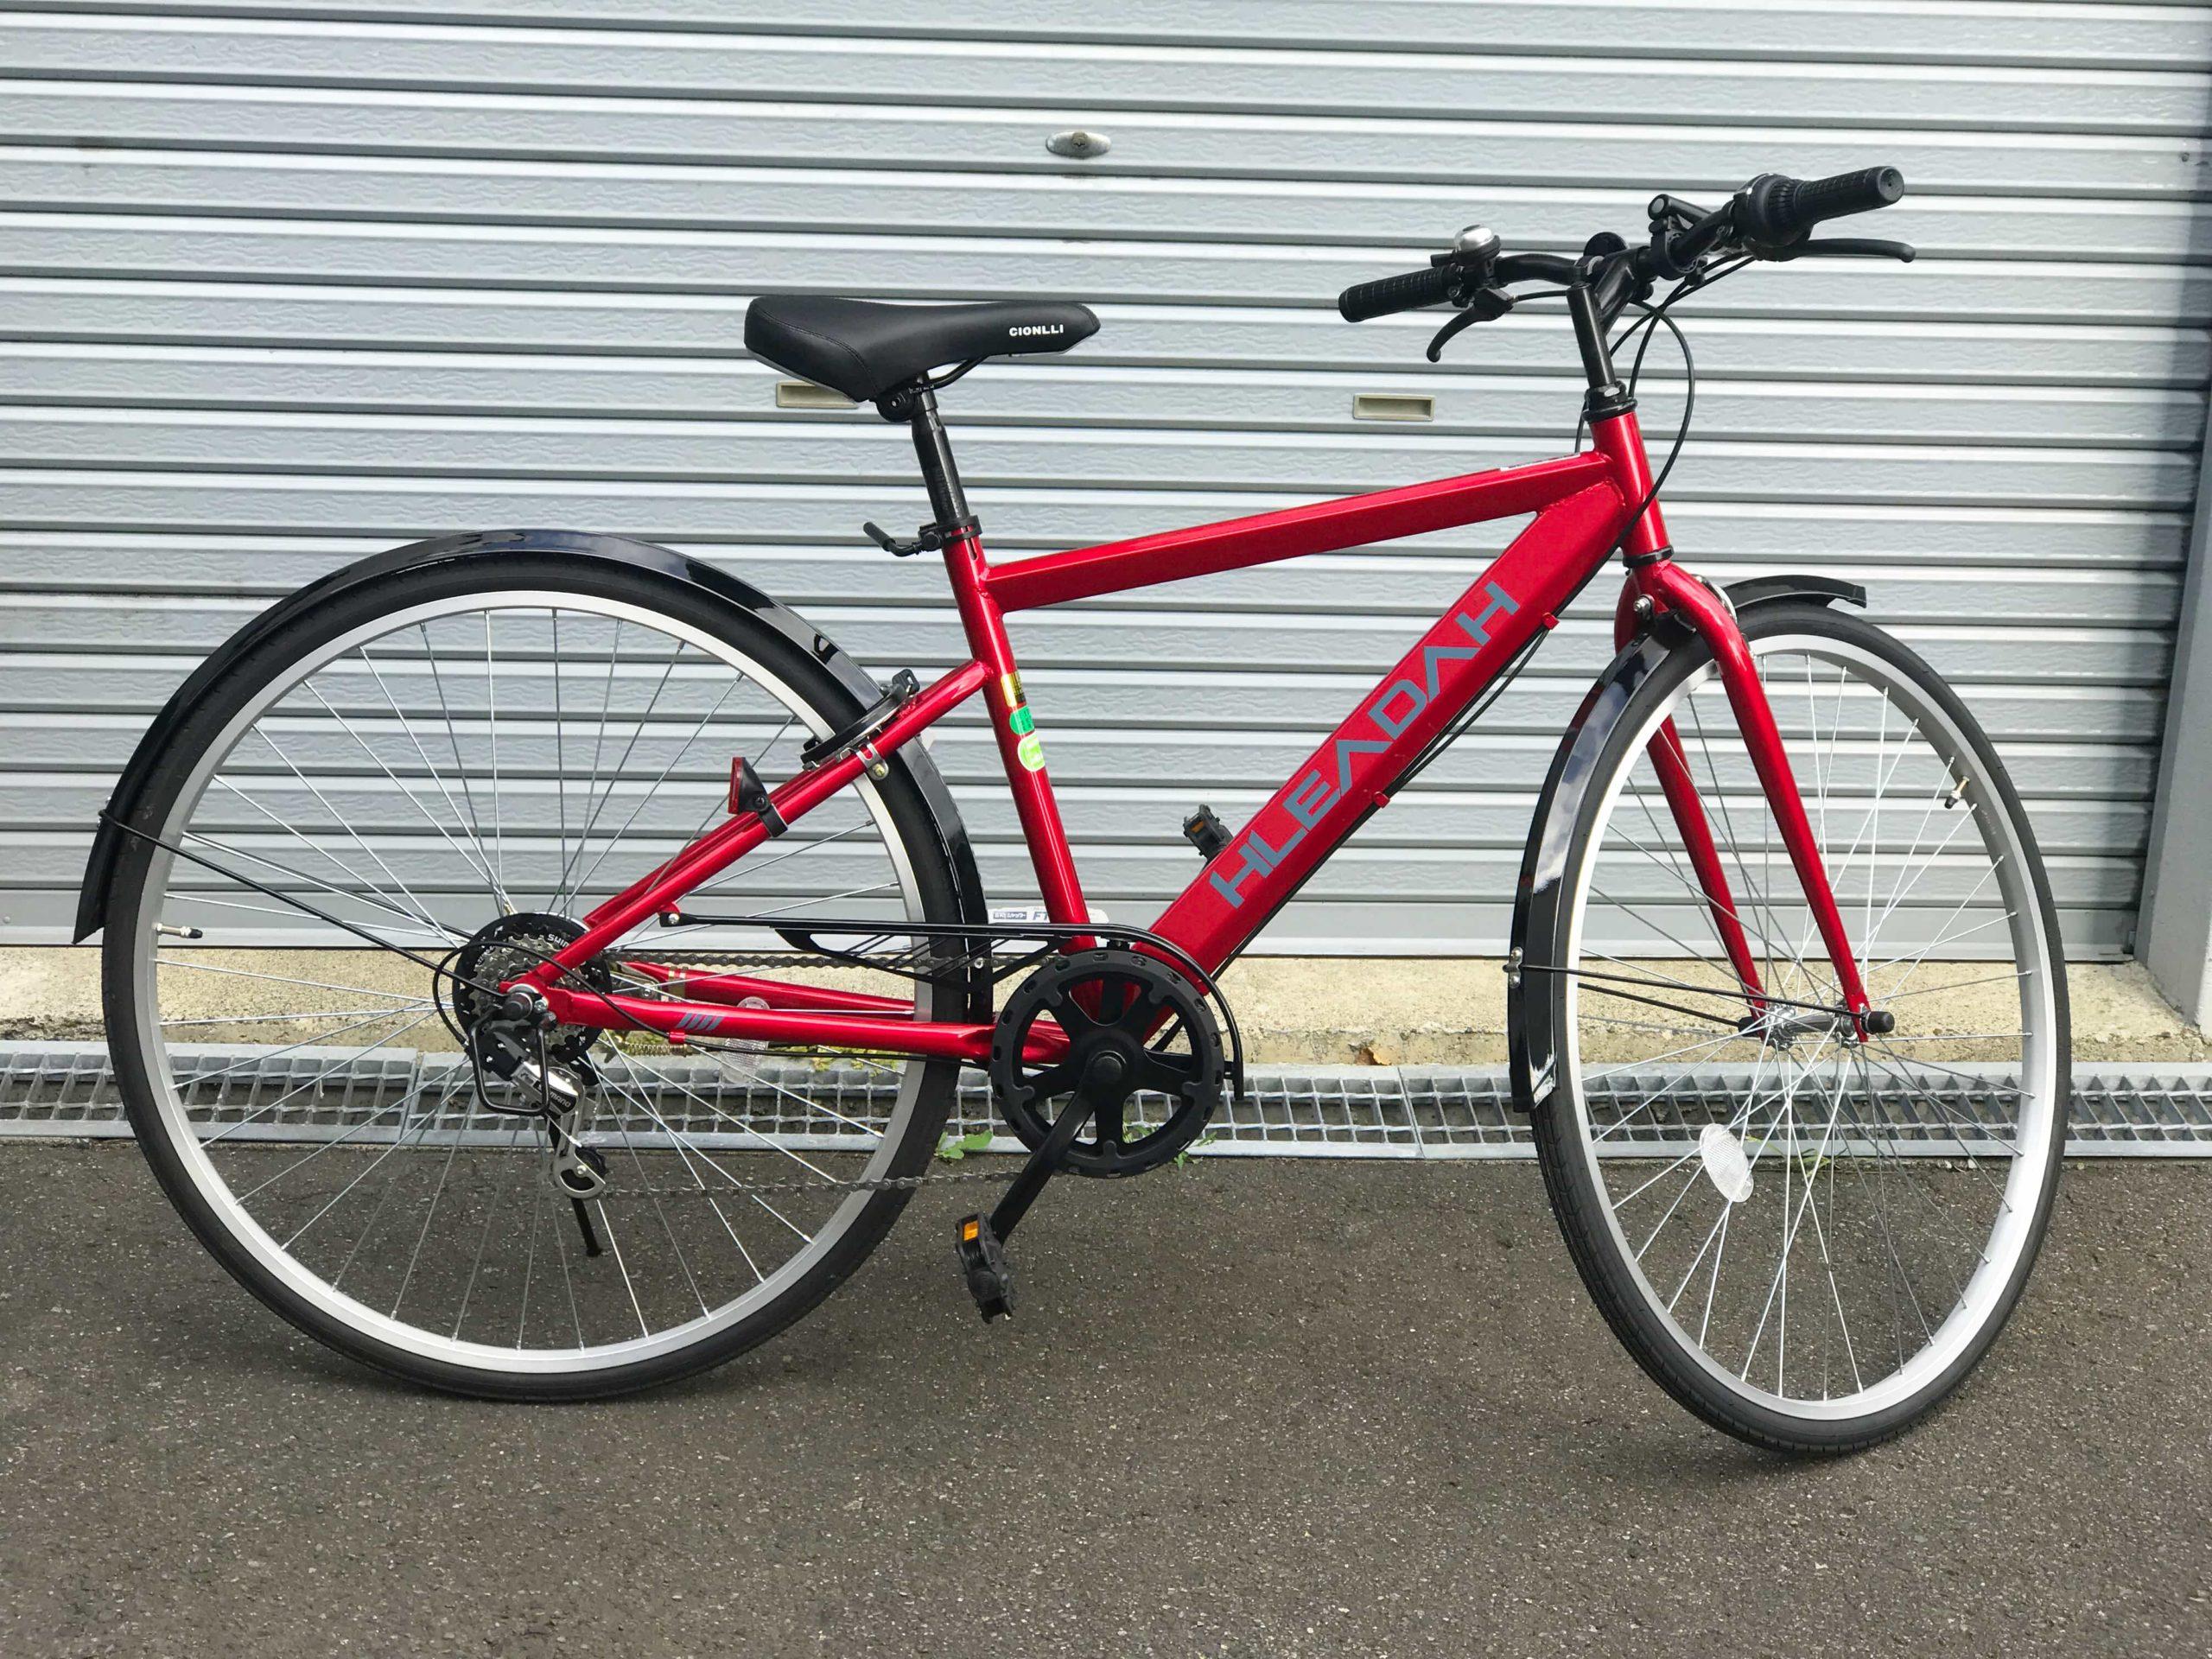 自転車通勤を続けたら「交通費は出せない!」。えっ!?別にいくね?